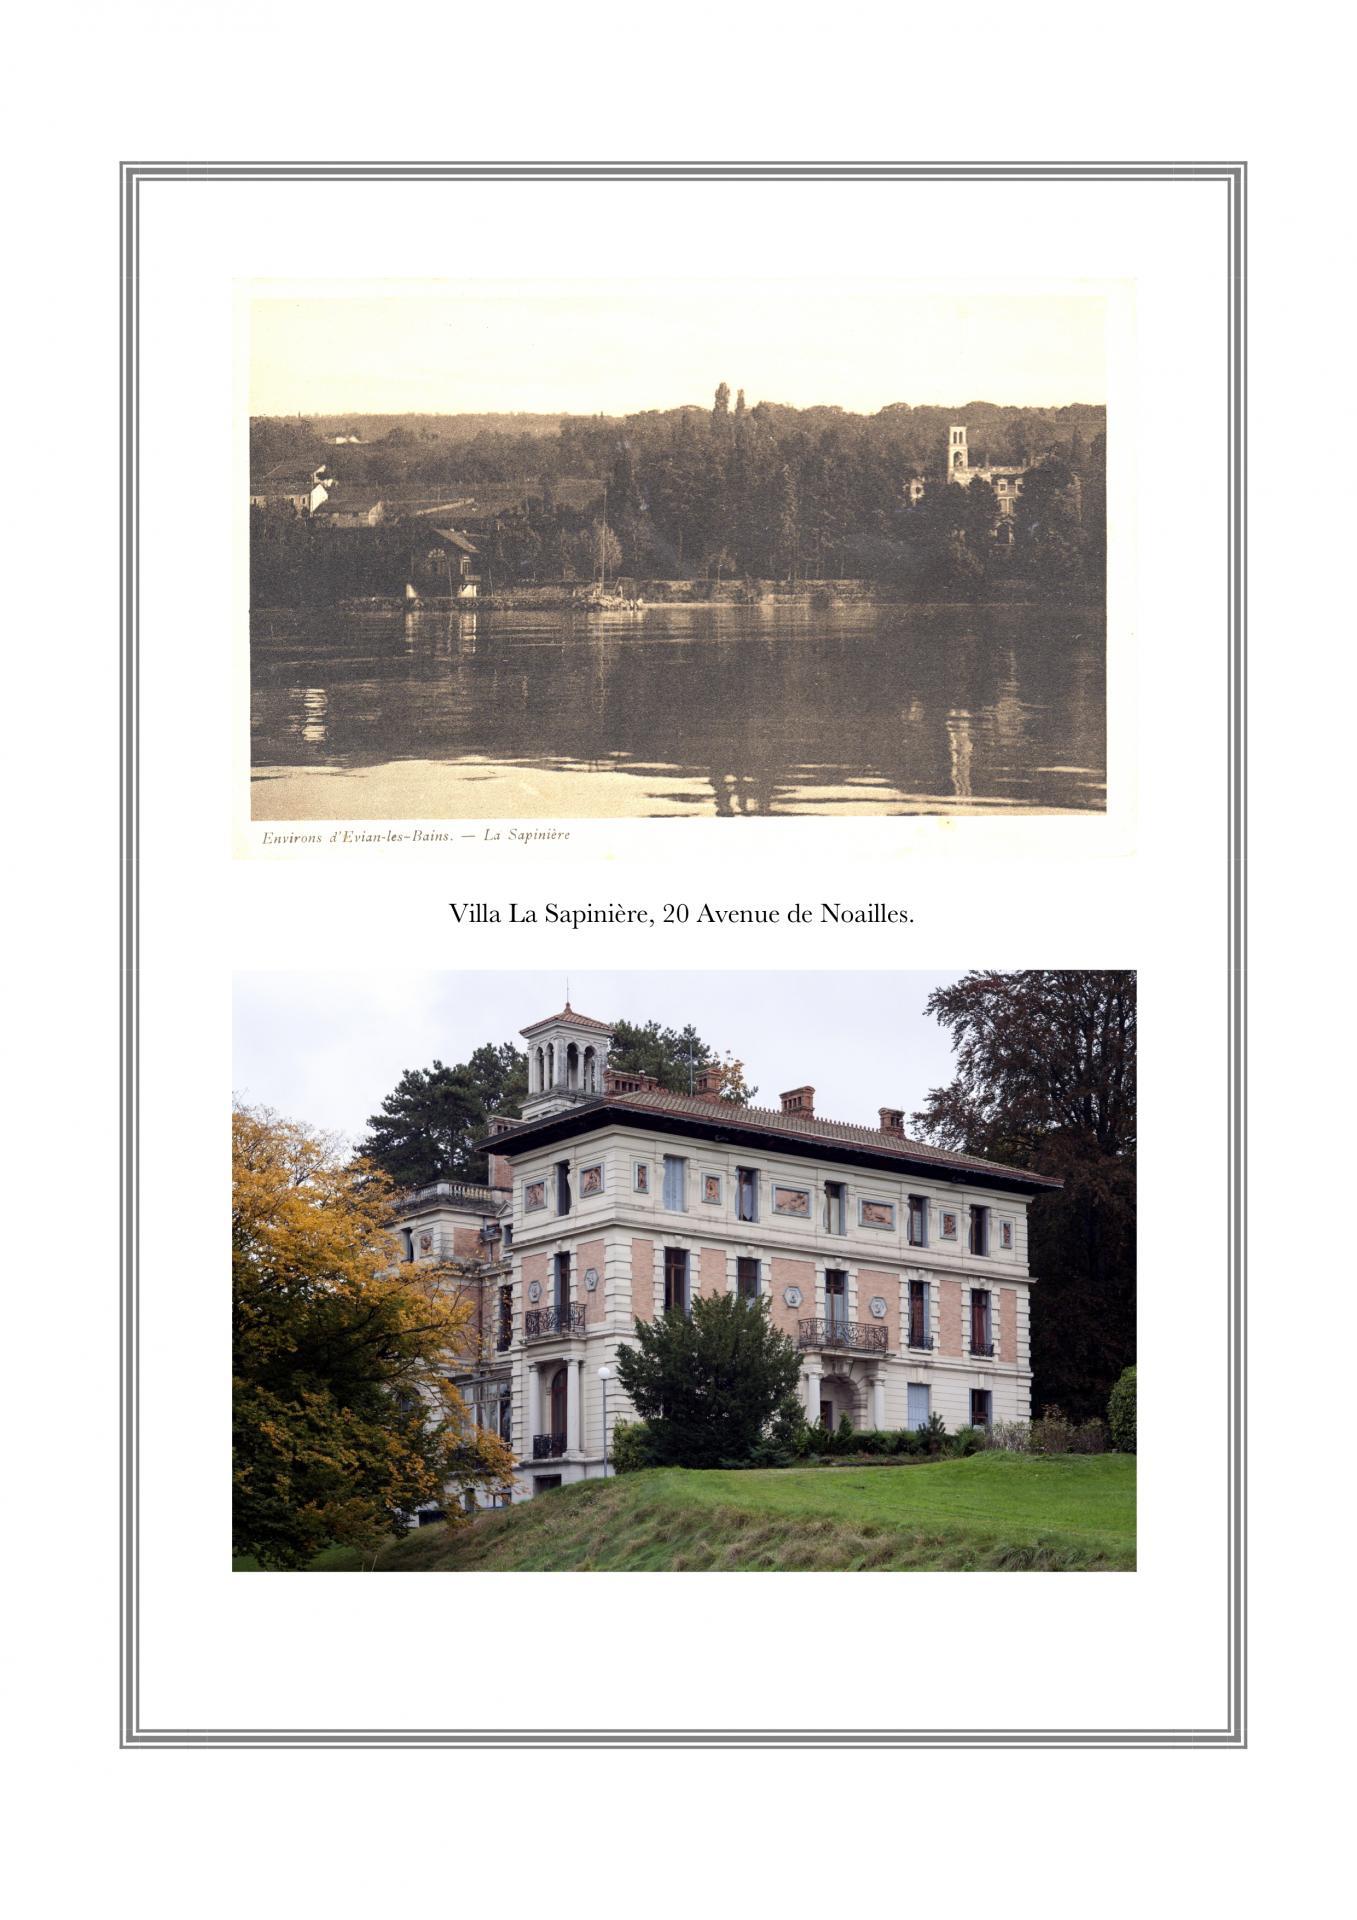 Villa La Sapinière, 20 avenue de Noailles